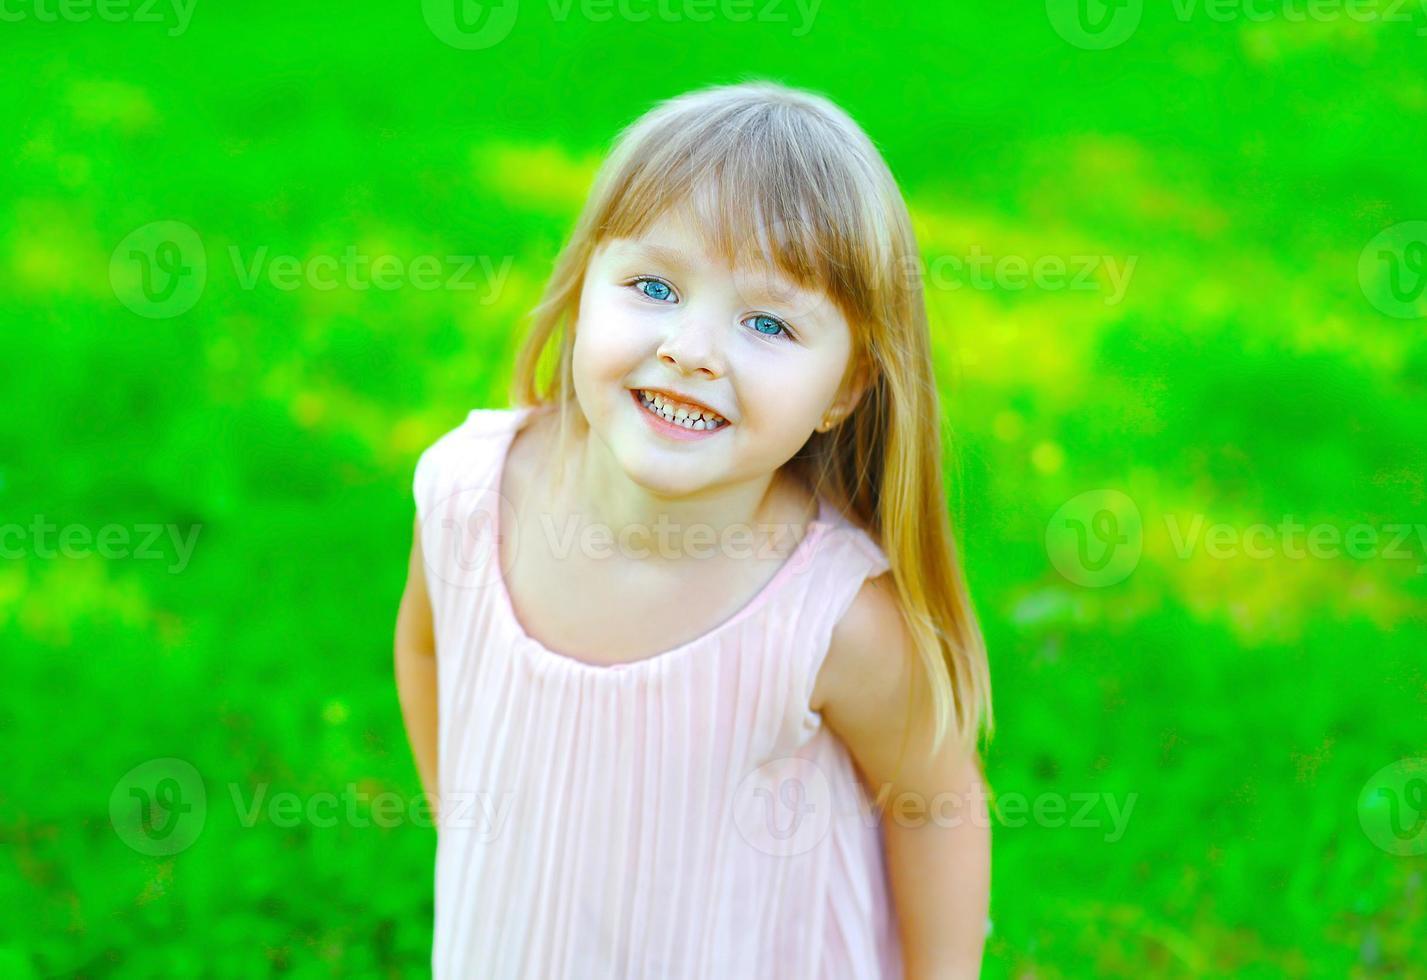 Retrato de niño sonriente niña divirtiéndose en verano foto